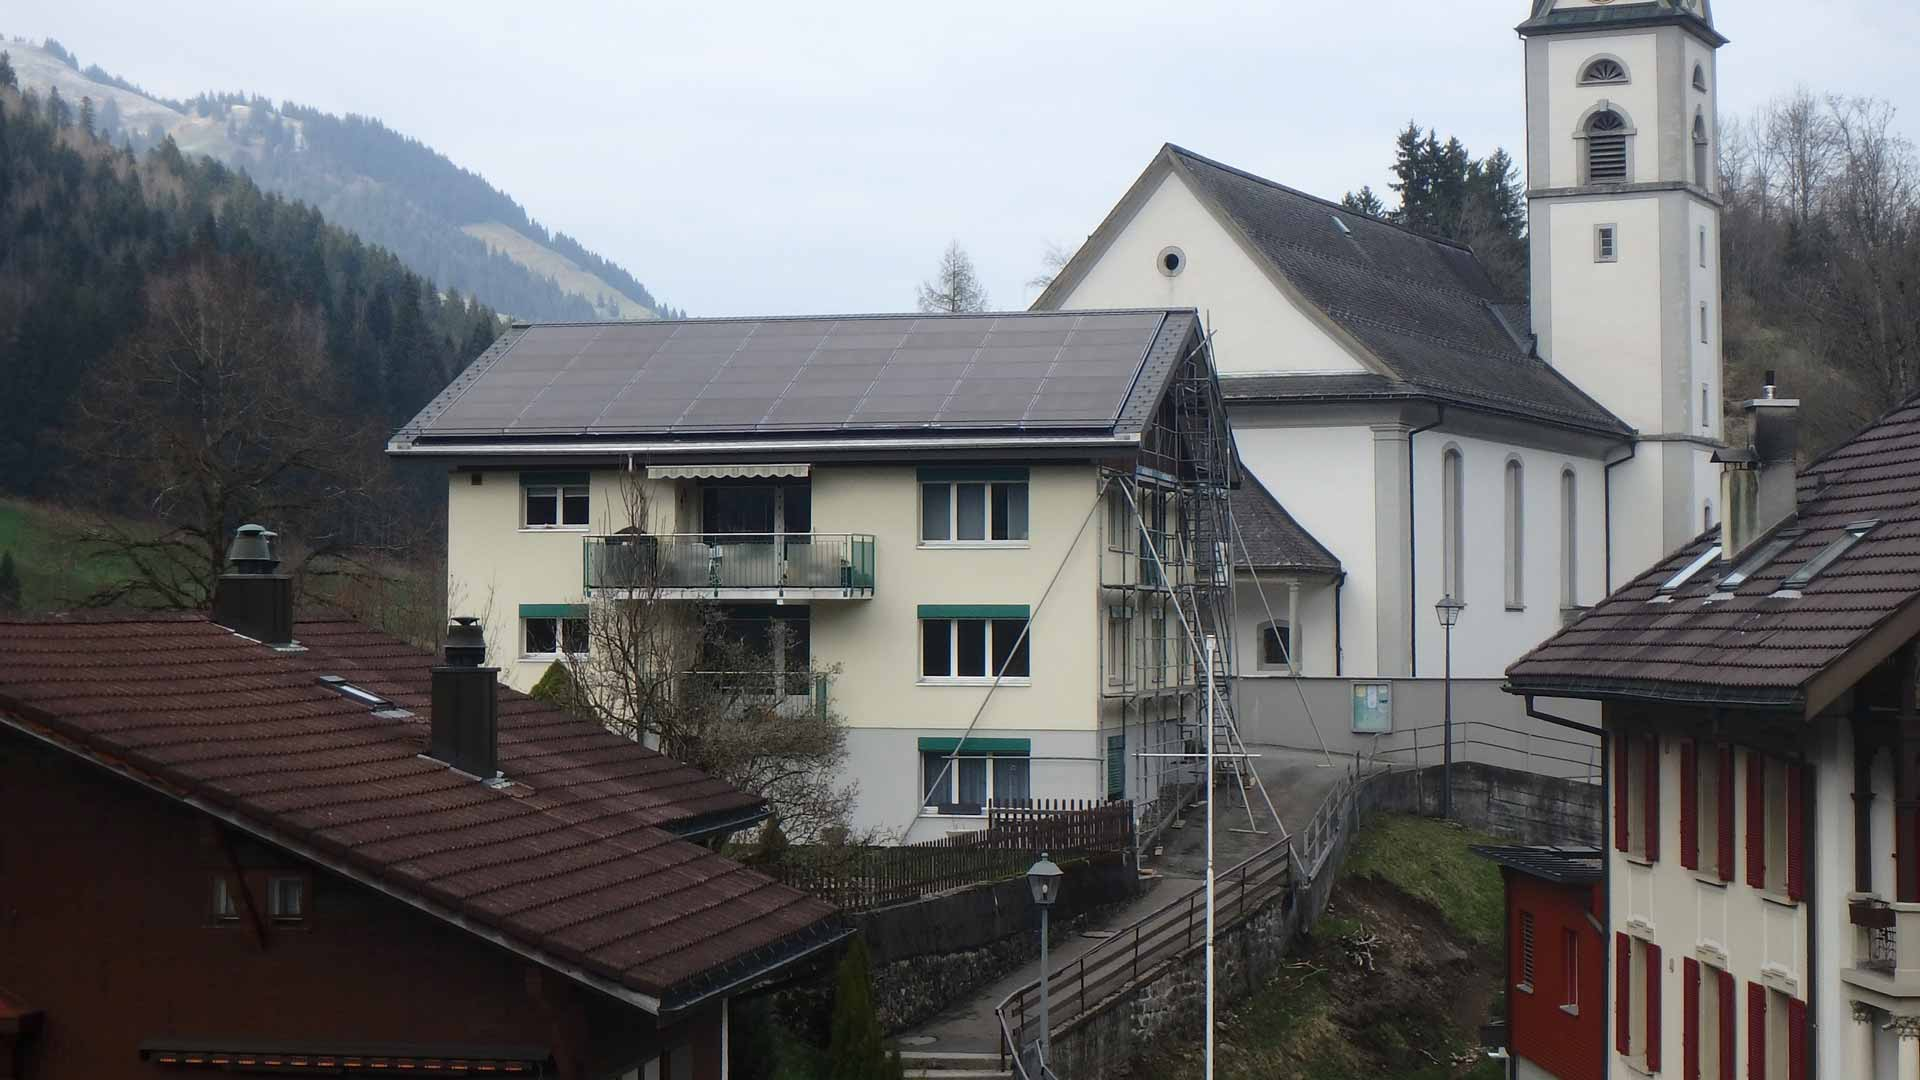 Das Pfarrhaus Flühli mit der neuen Solaranlage. | © 2017 zvg